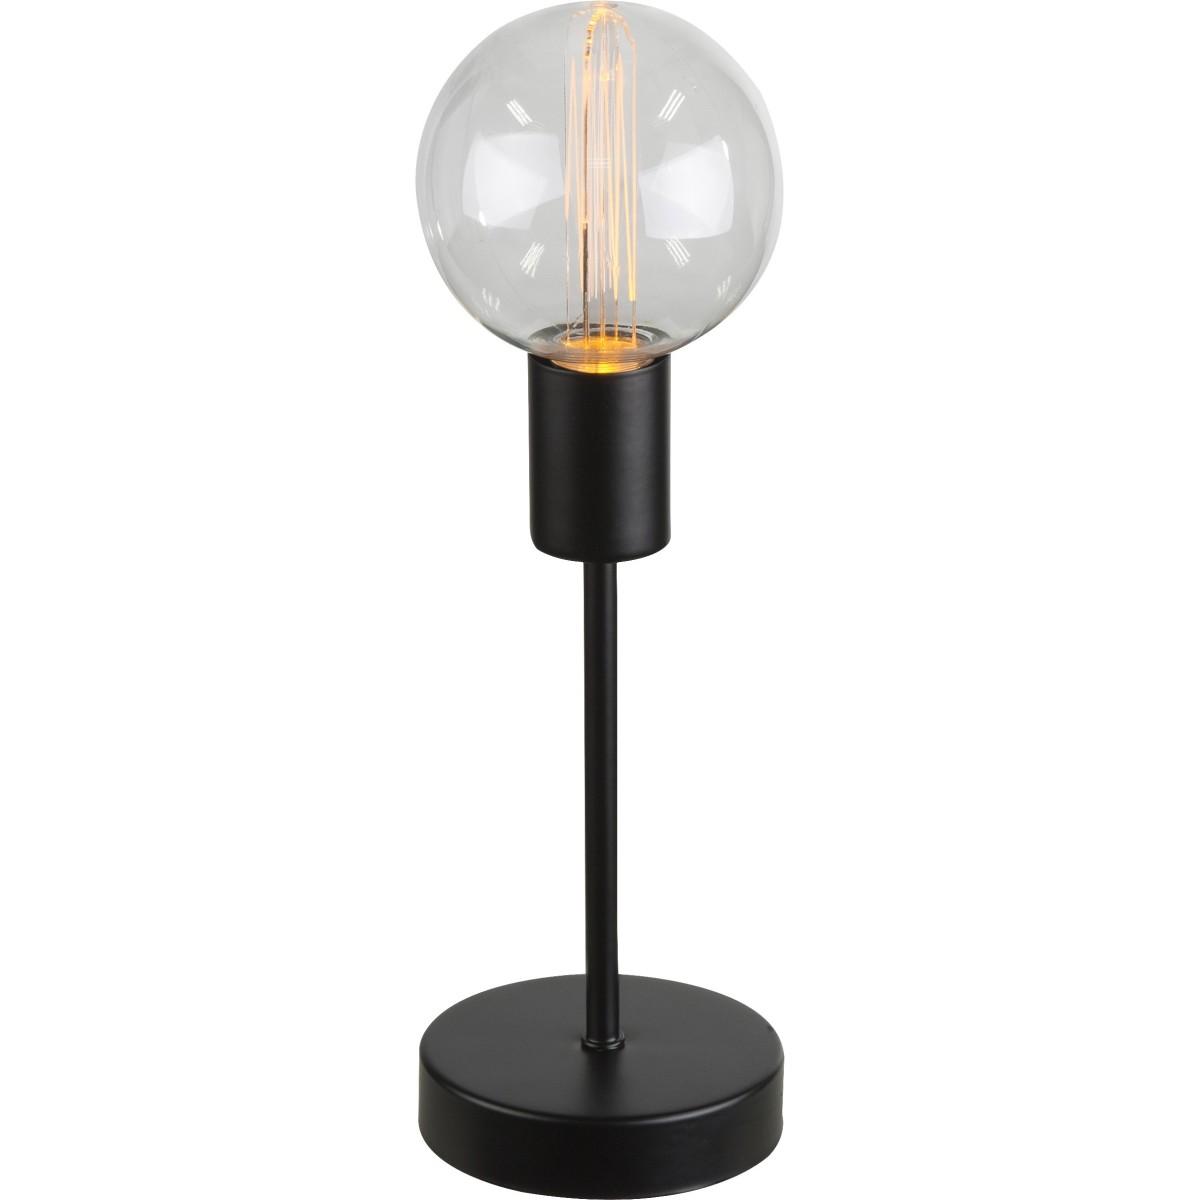 Декоративный светильник светодиодный «Globo» 1x006 Вт цвет черный